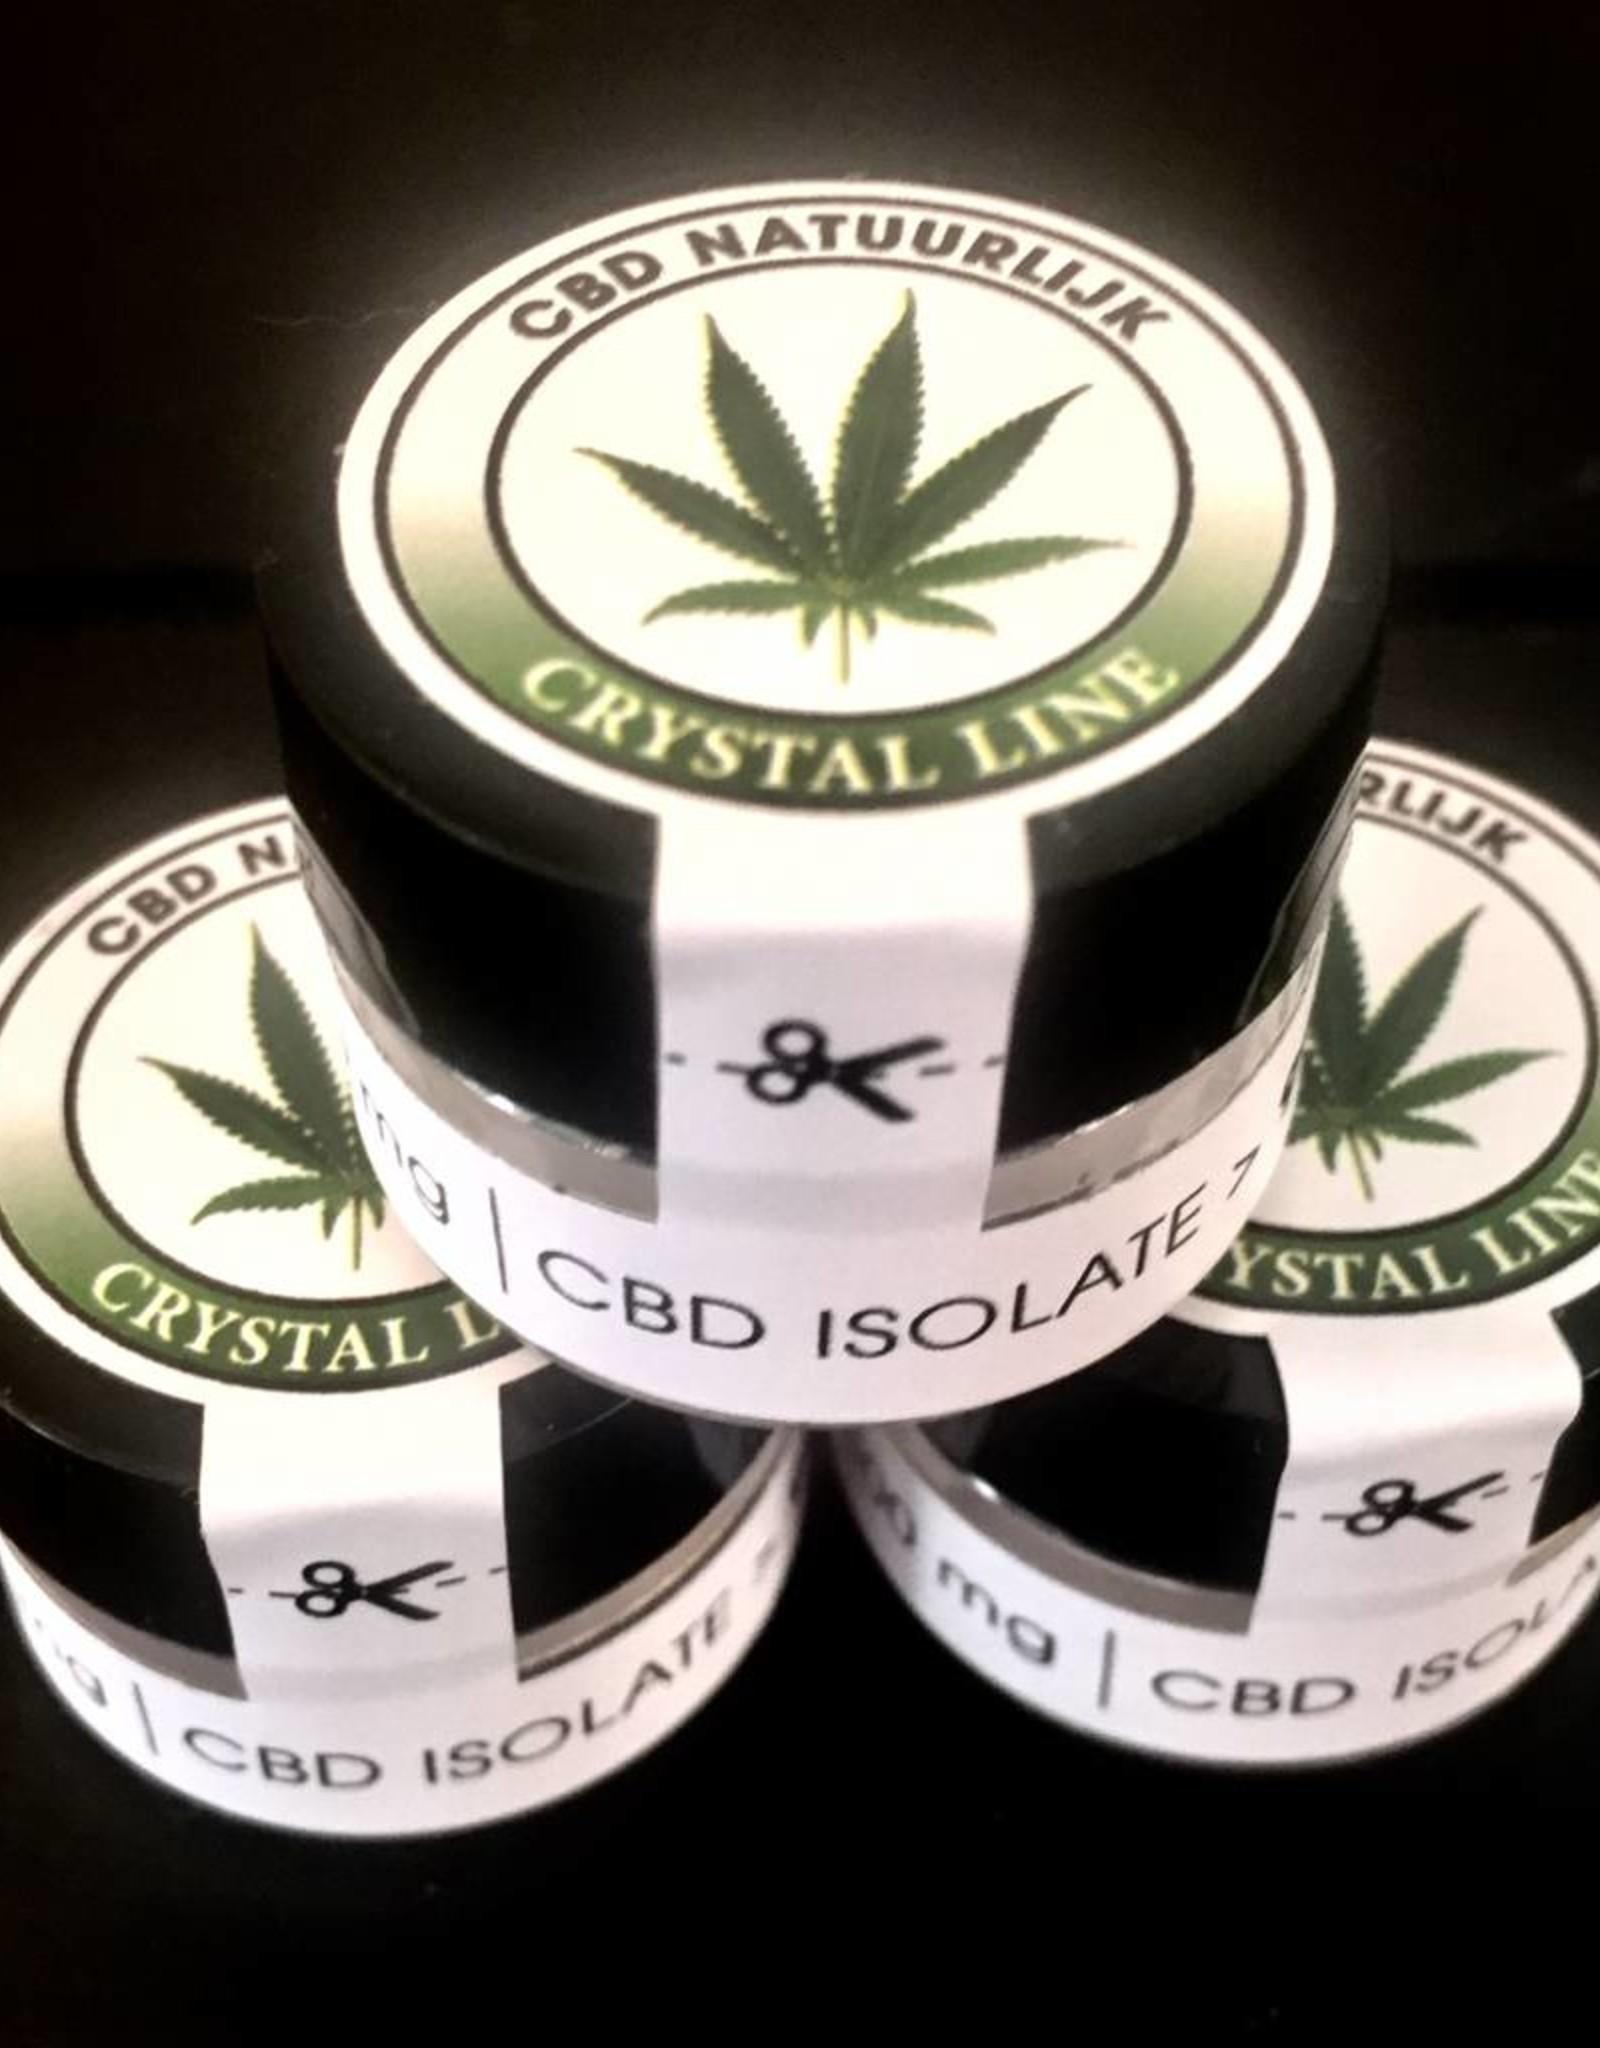 Cristales CBD puros 99%  se obtienen mediante extracción supercrítica del CO2